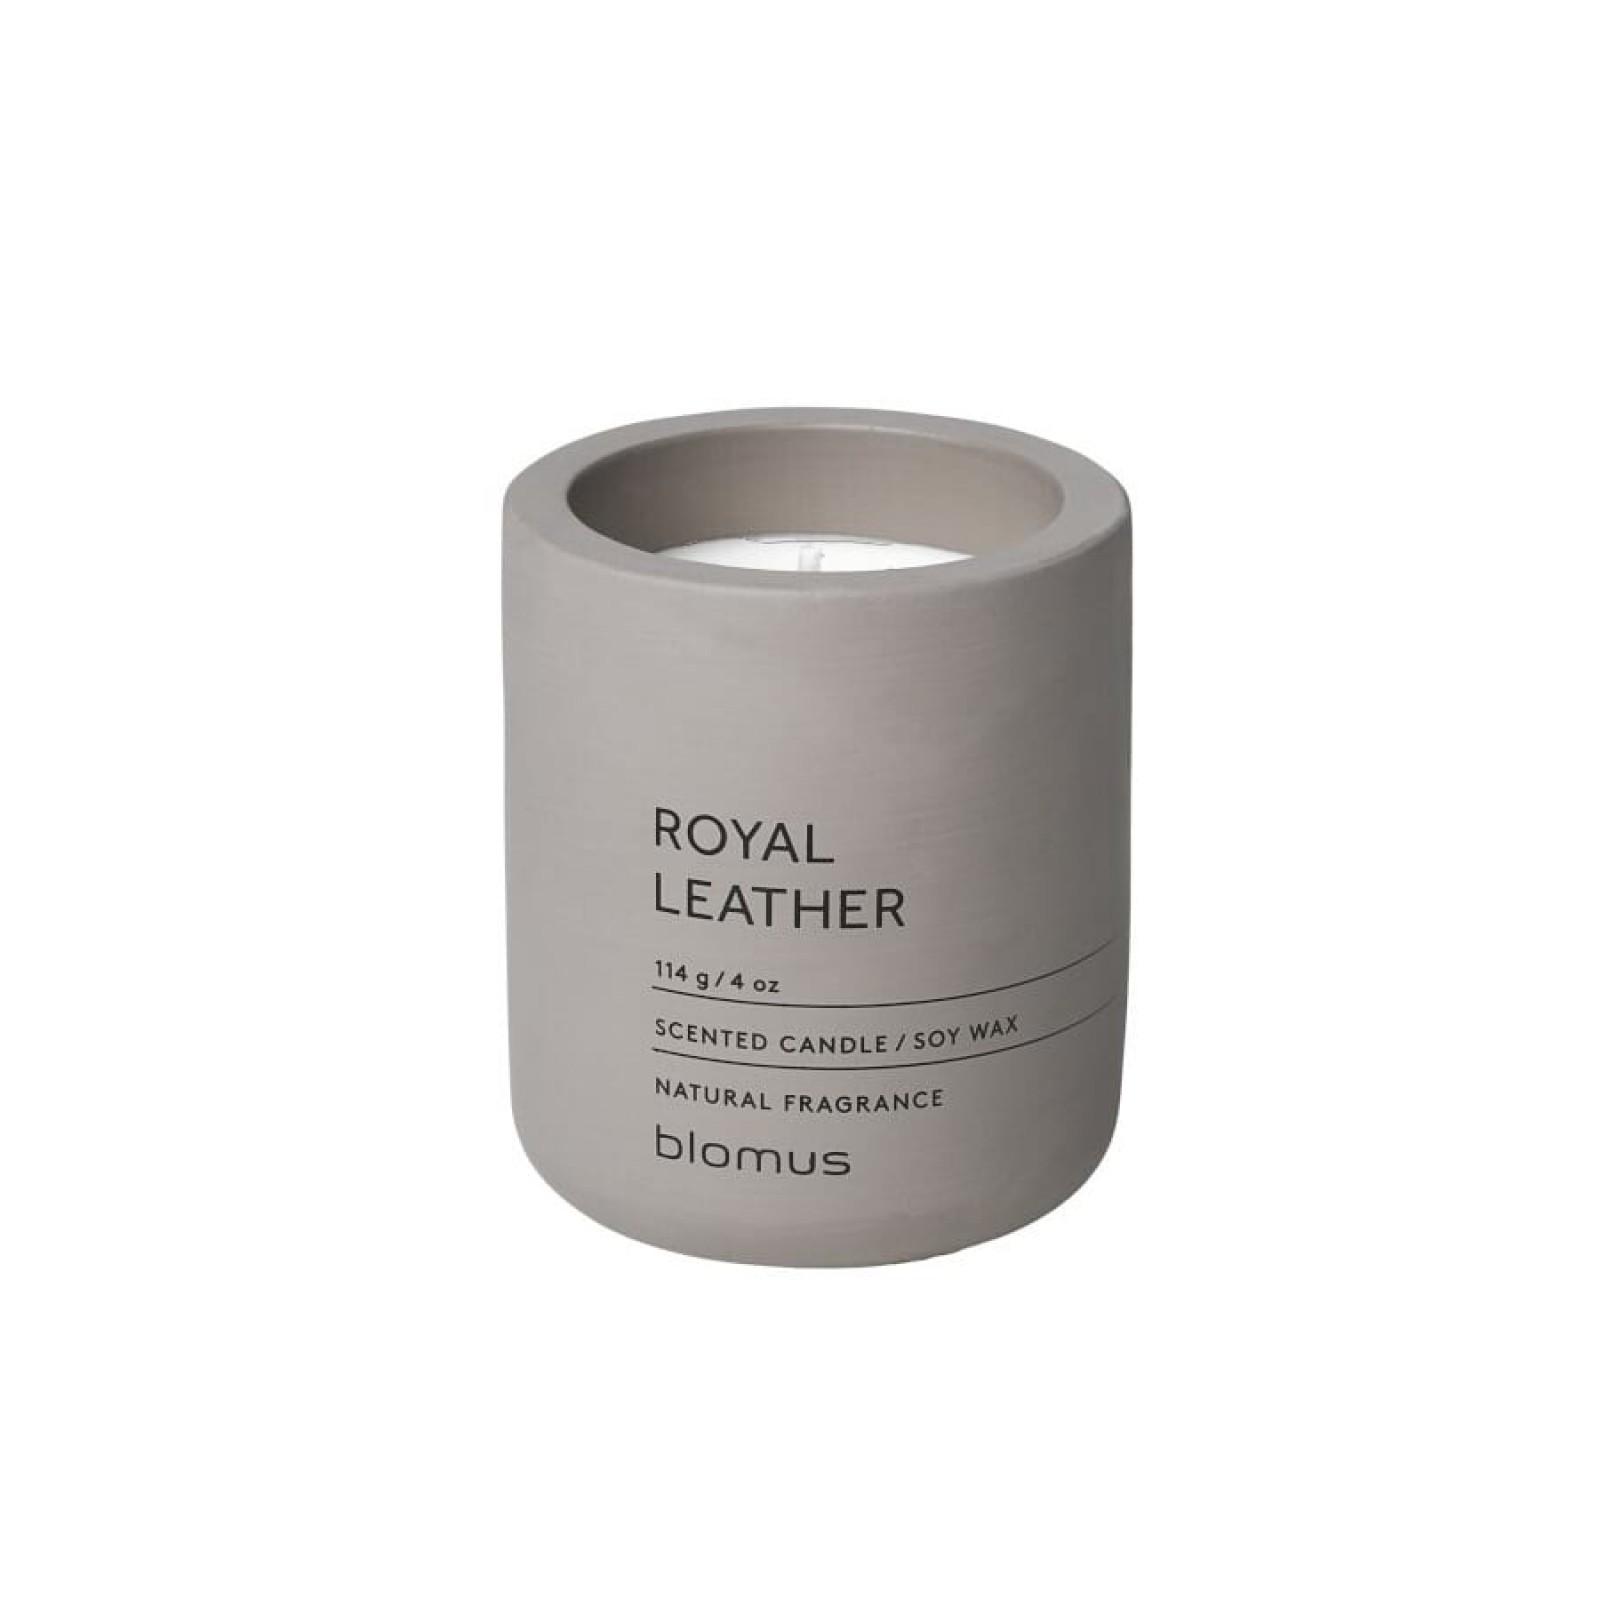 Αρωματικό Κερί FRAGA S Royal Leather (Μικρό) - Blomus